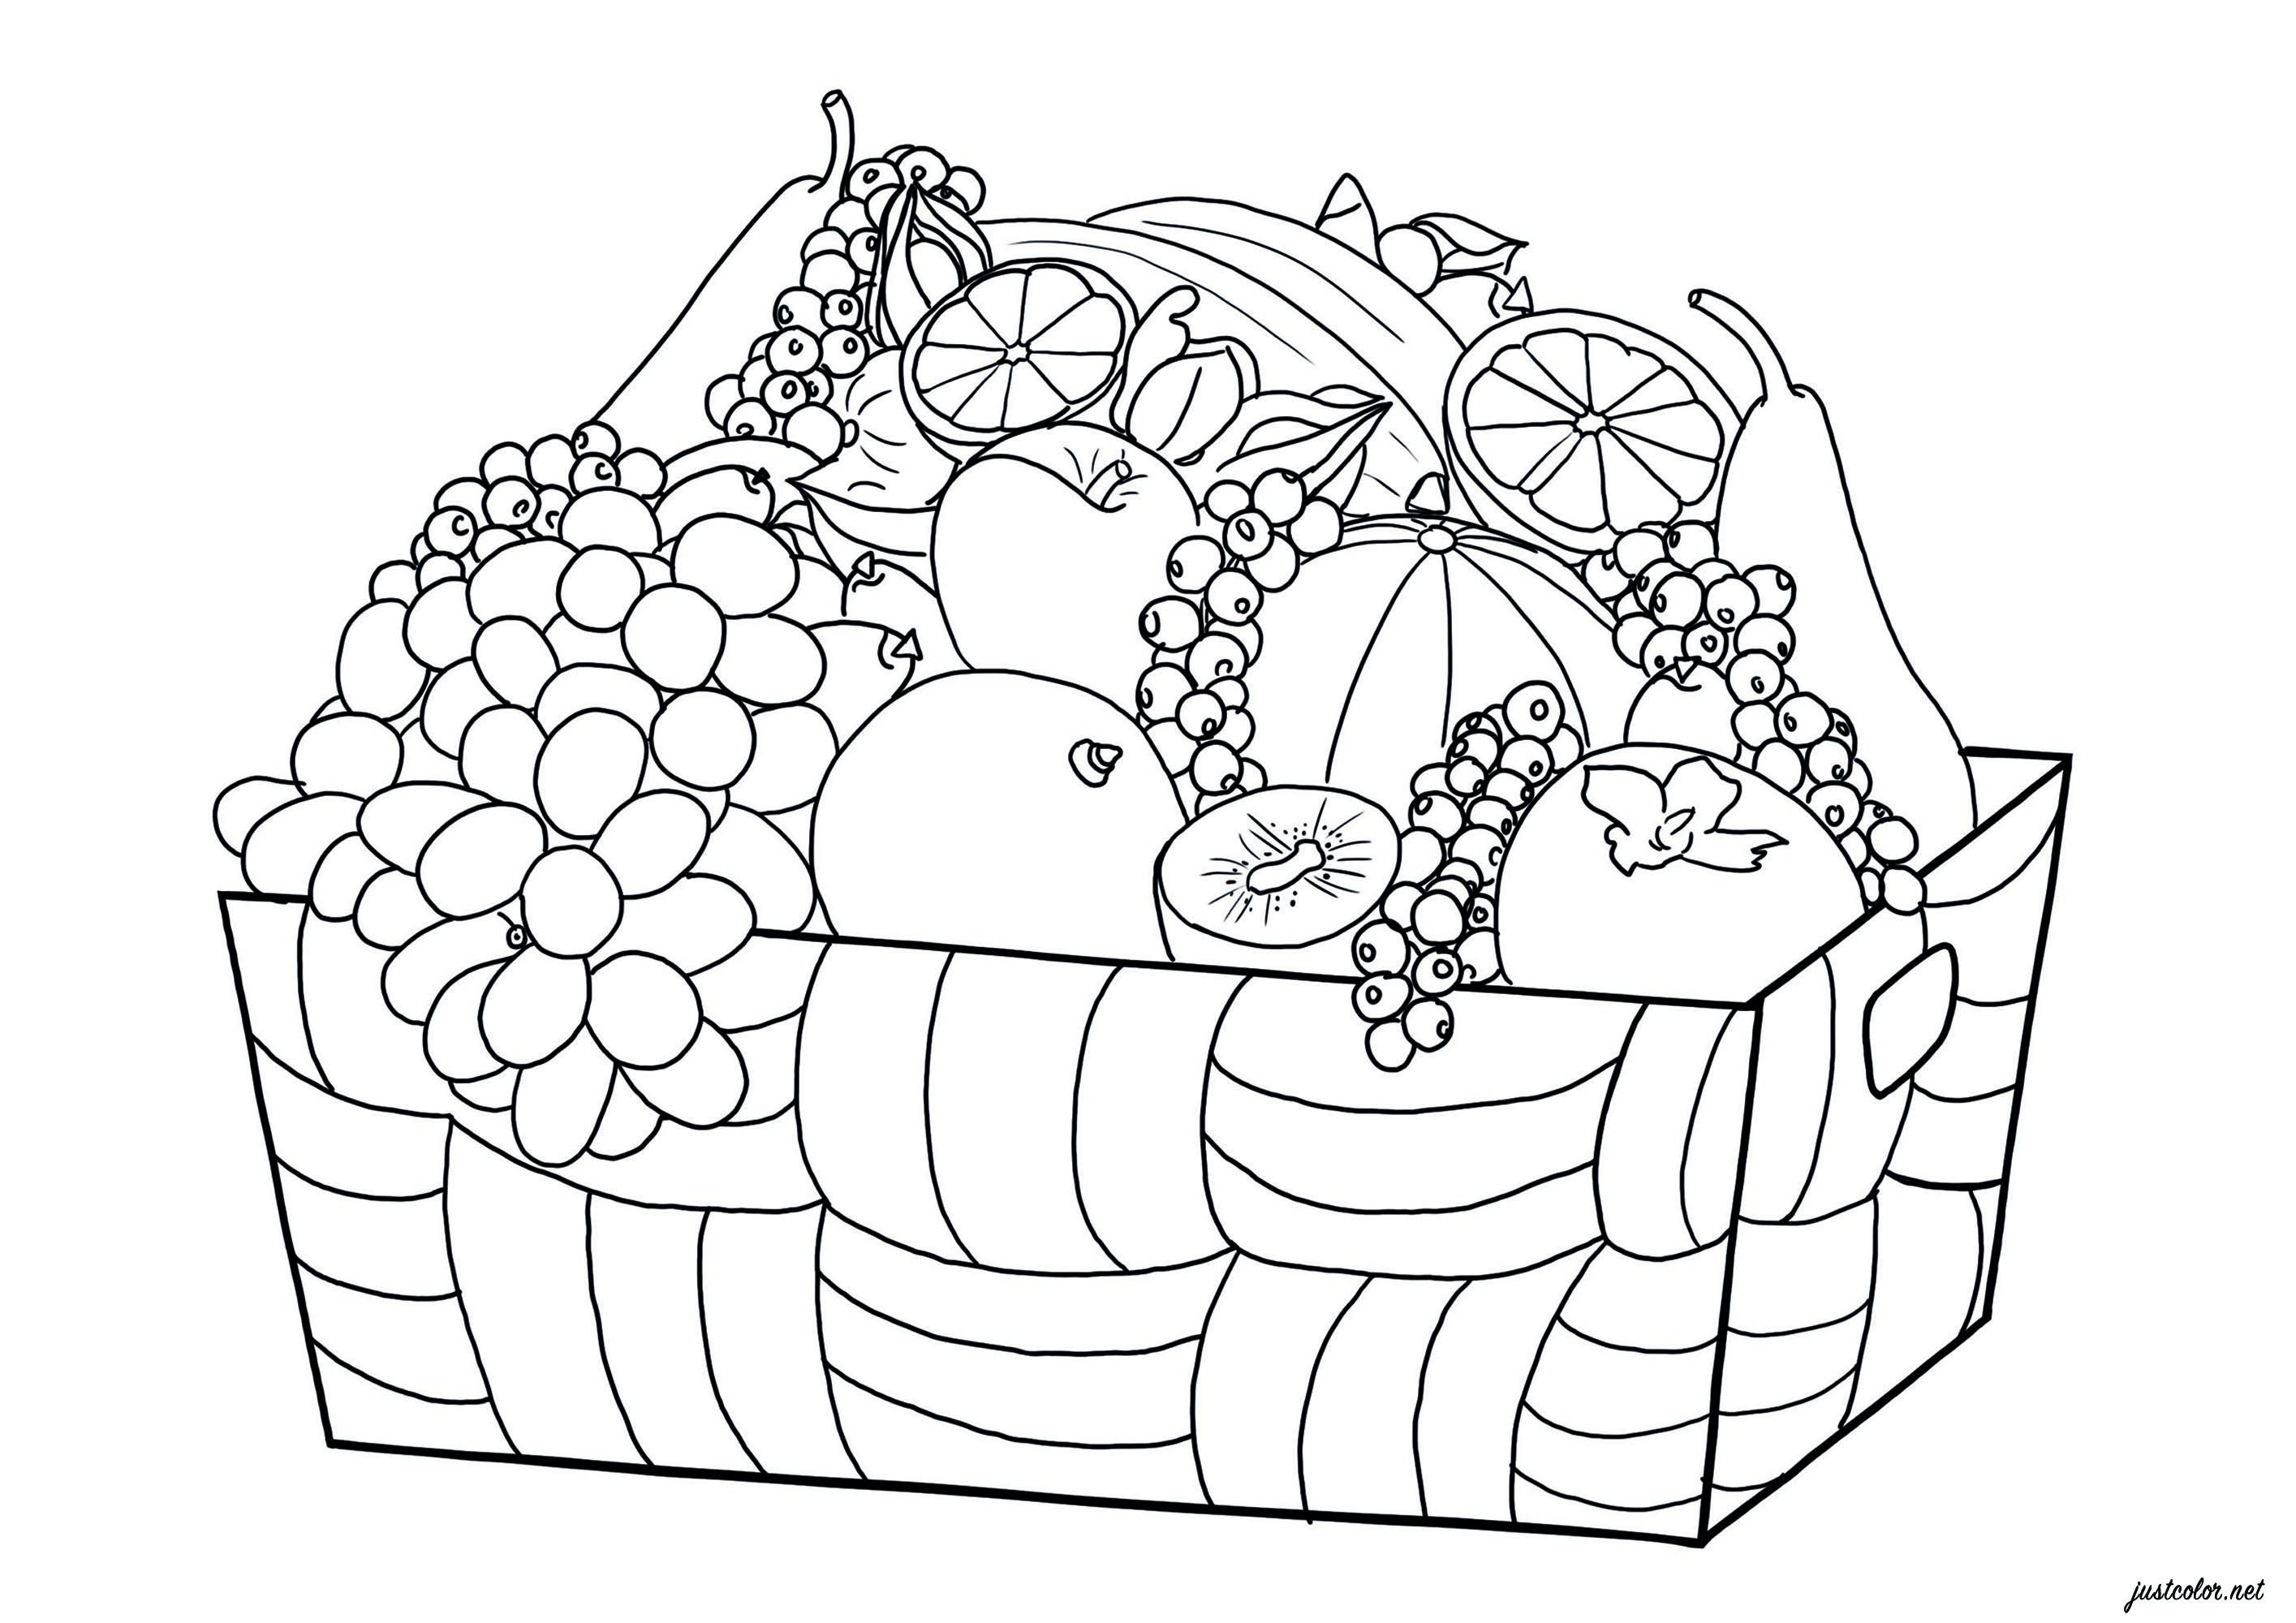 Colorear para Adultos : Flores y vegetación - 1